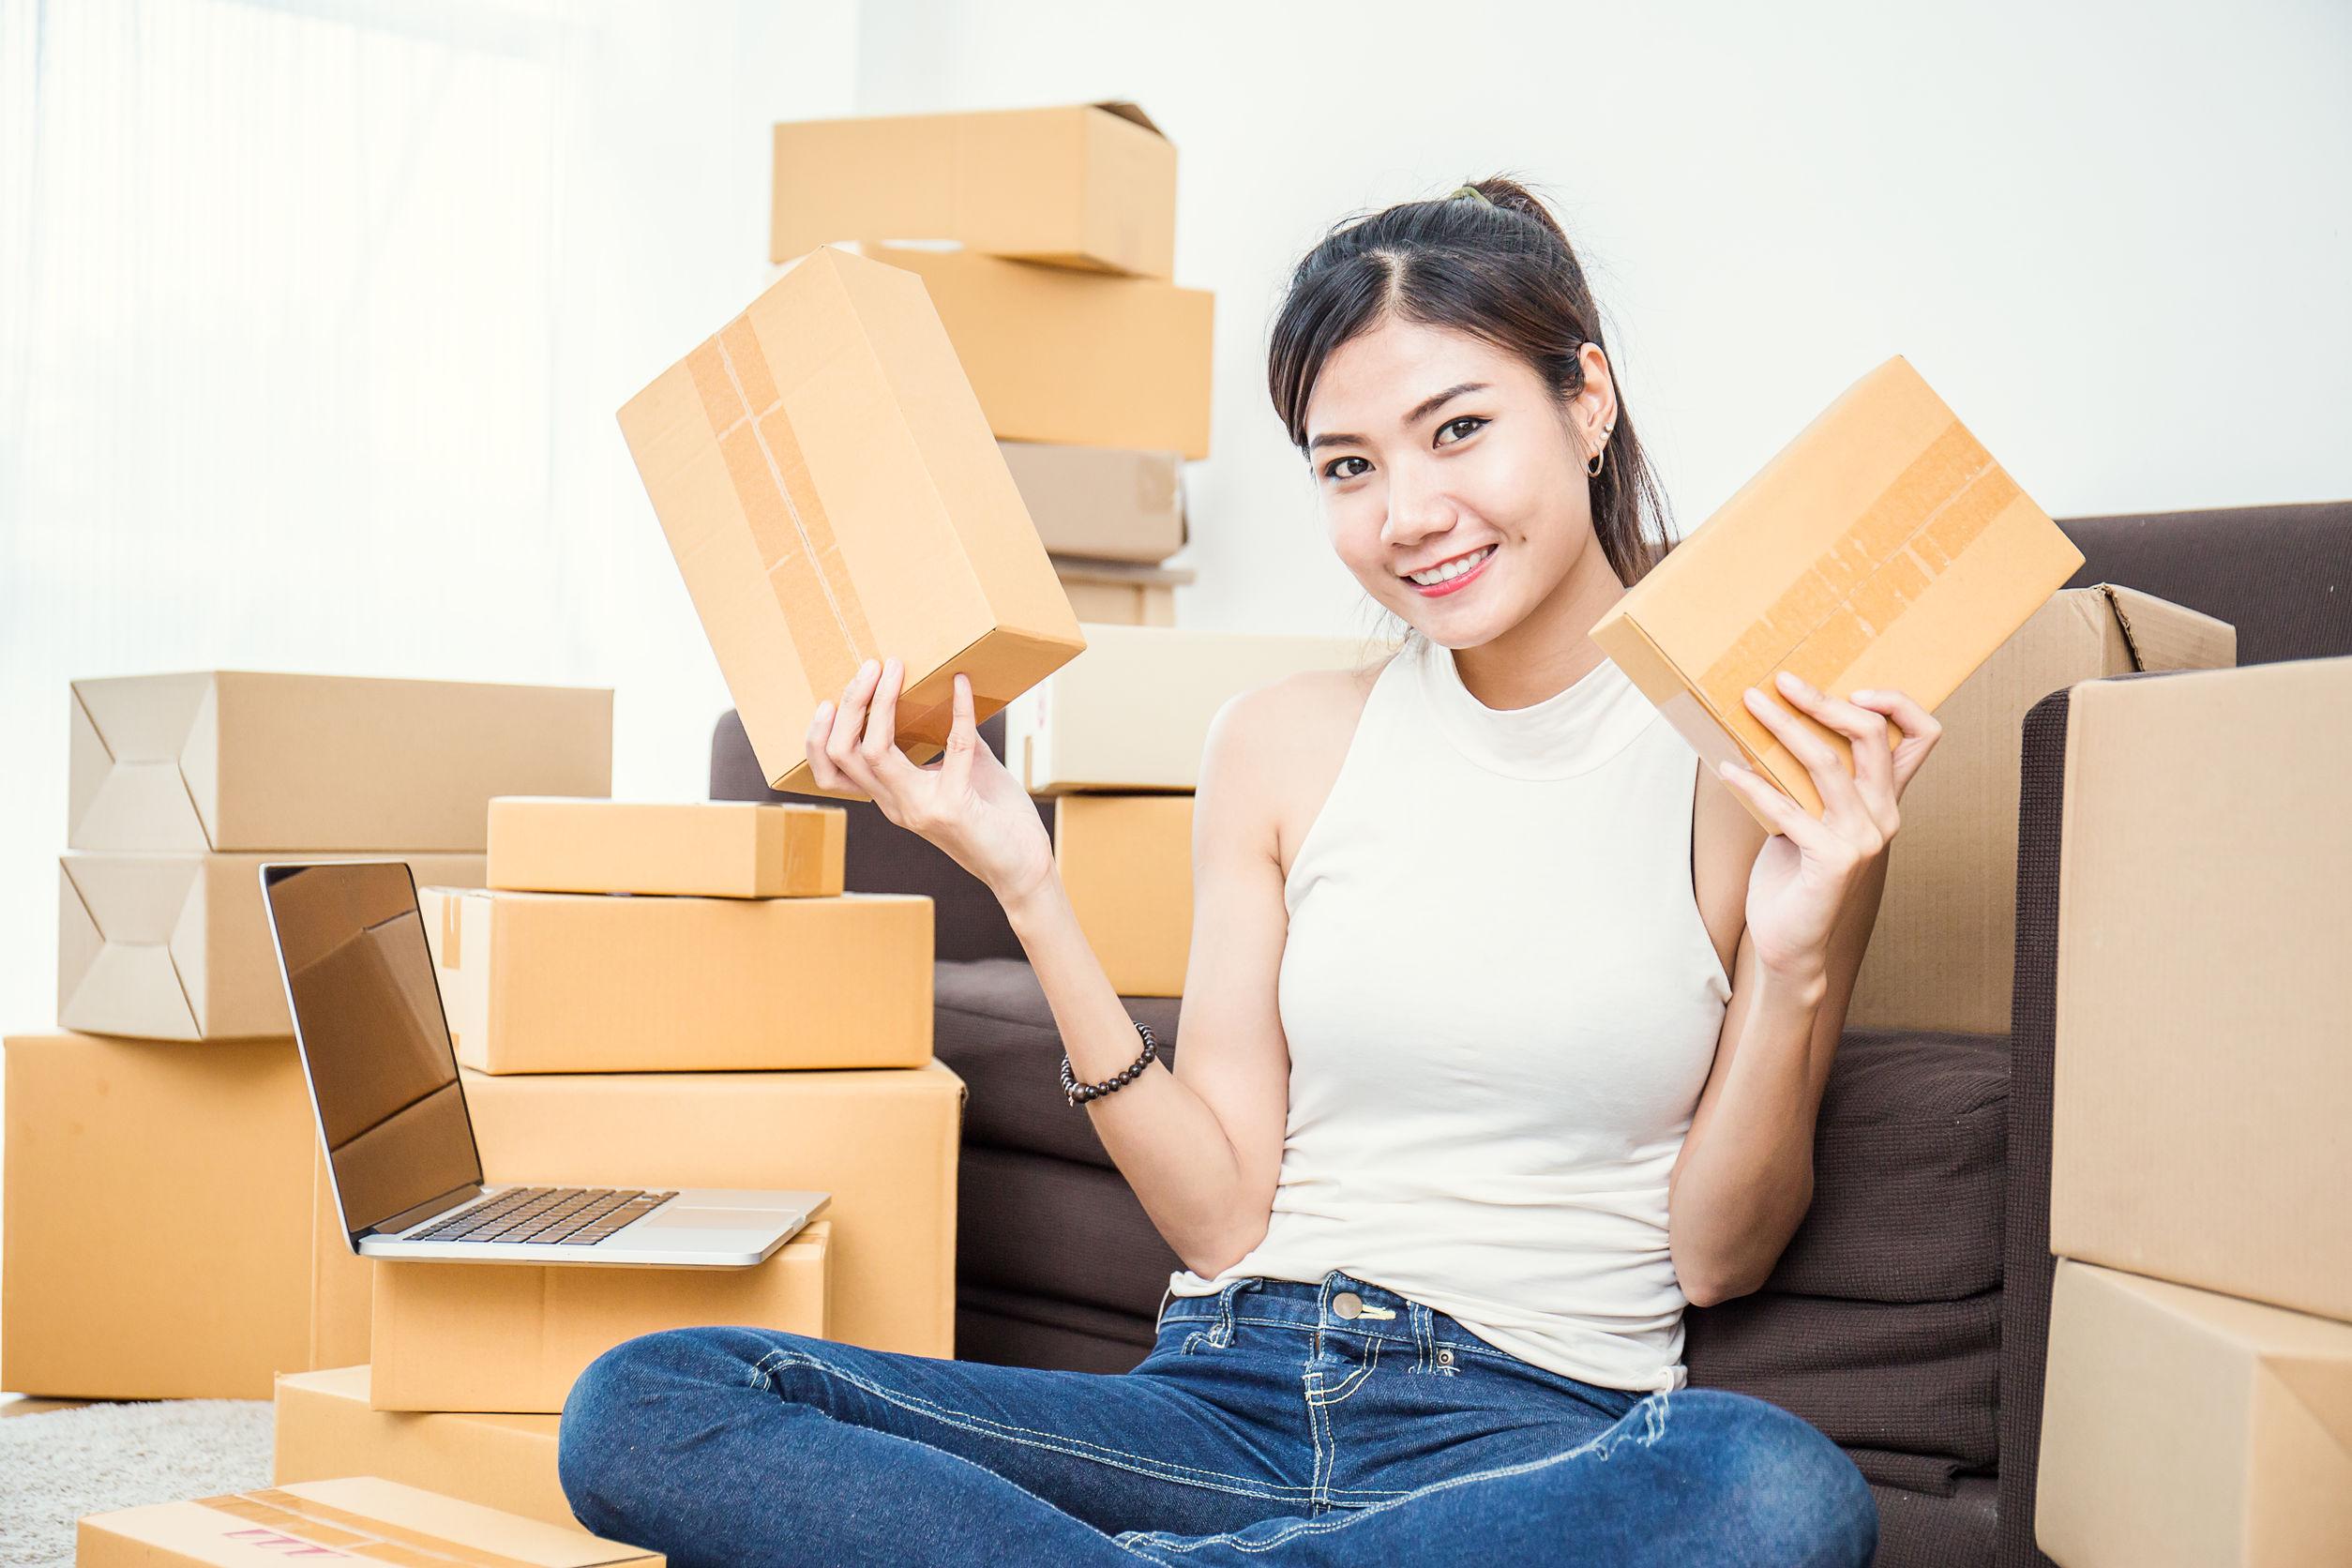 Manualidades para vender: ganar dinero desde casa vendiendo manualidades